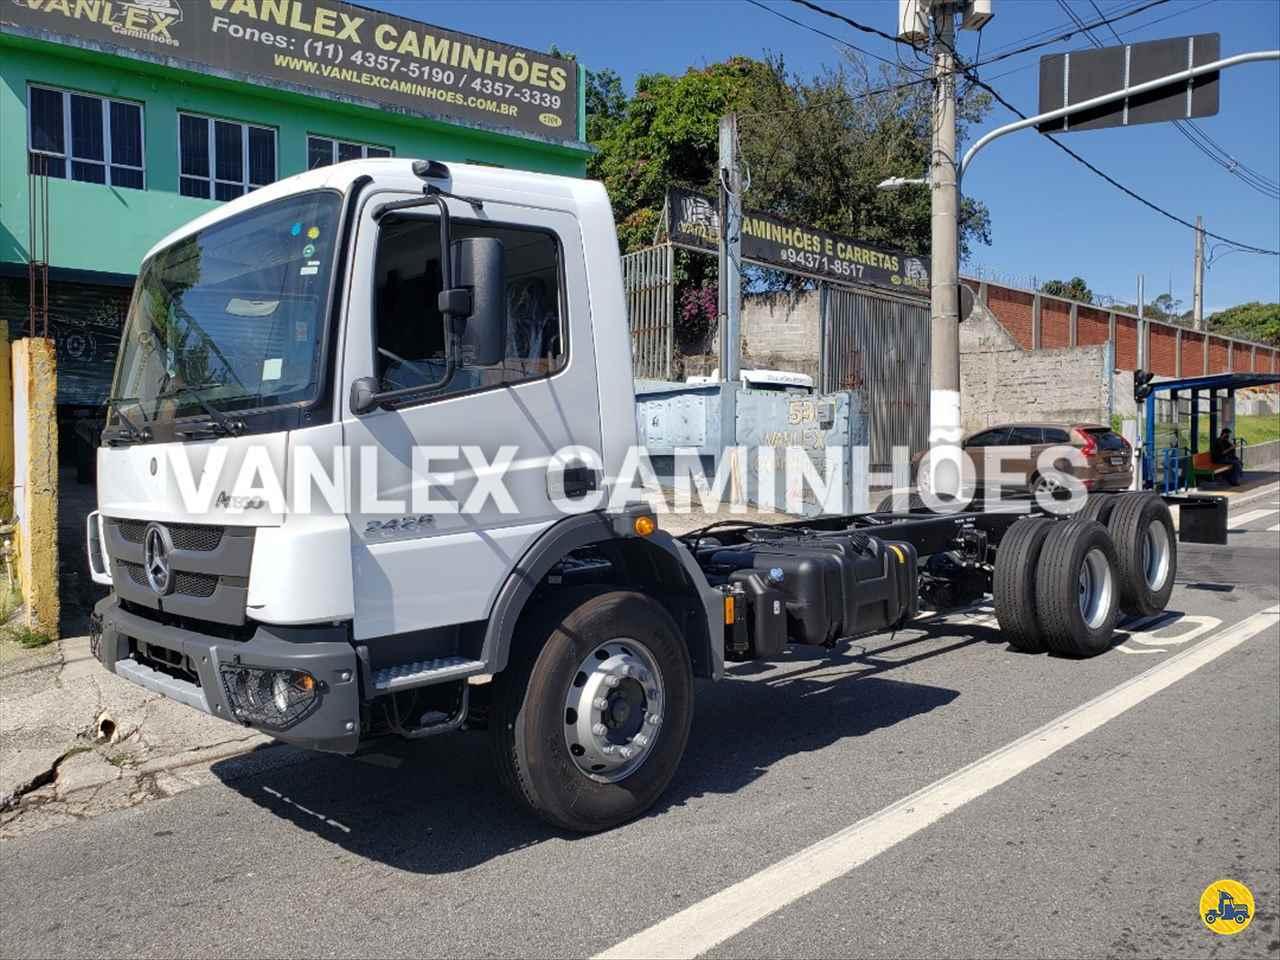 CAMINHAO MERCEDES-BENZ MB 2426 Chassis Truck 6x2 Vanlex Caminhões SAO BERNARDO DO CAMPO SÃO PAULO SP